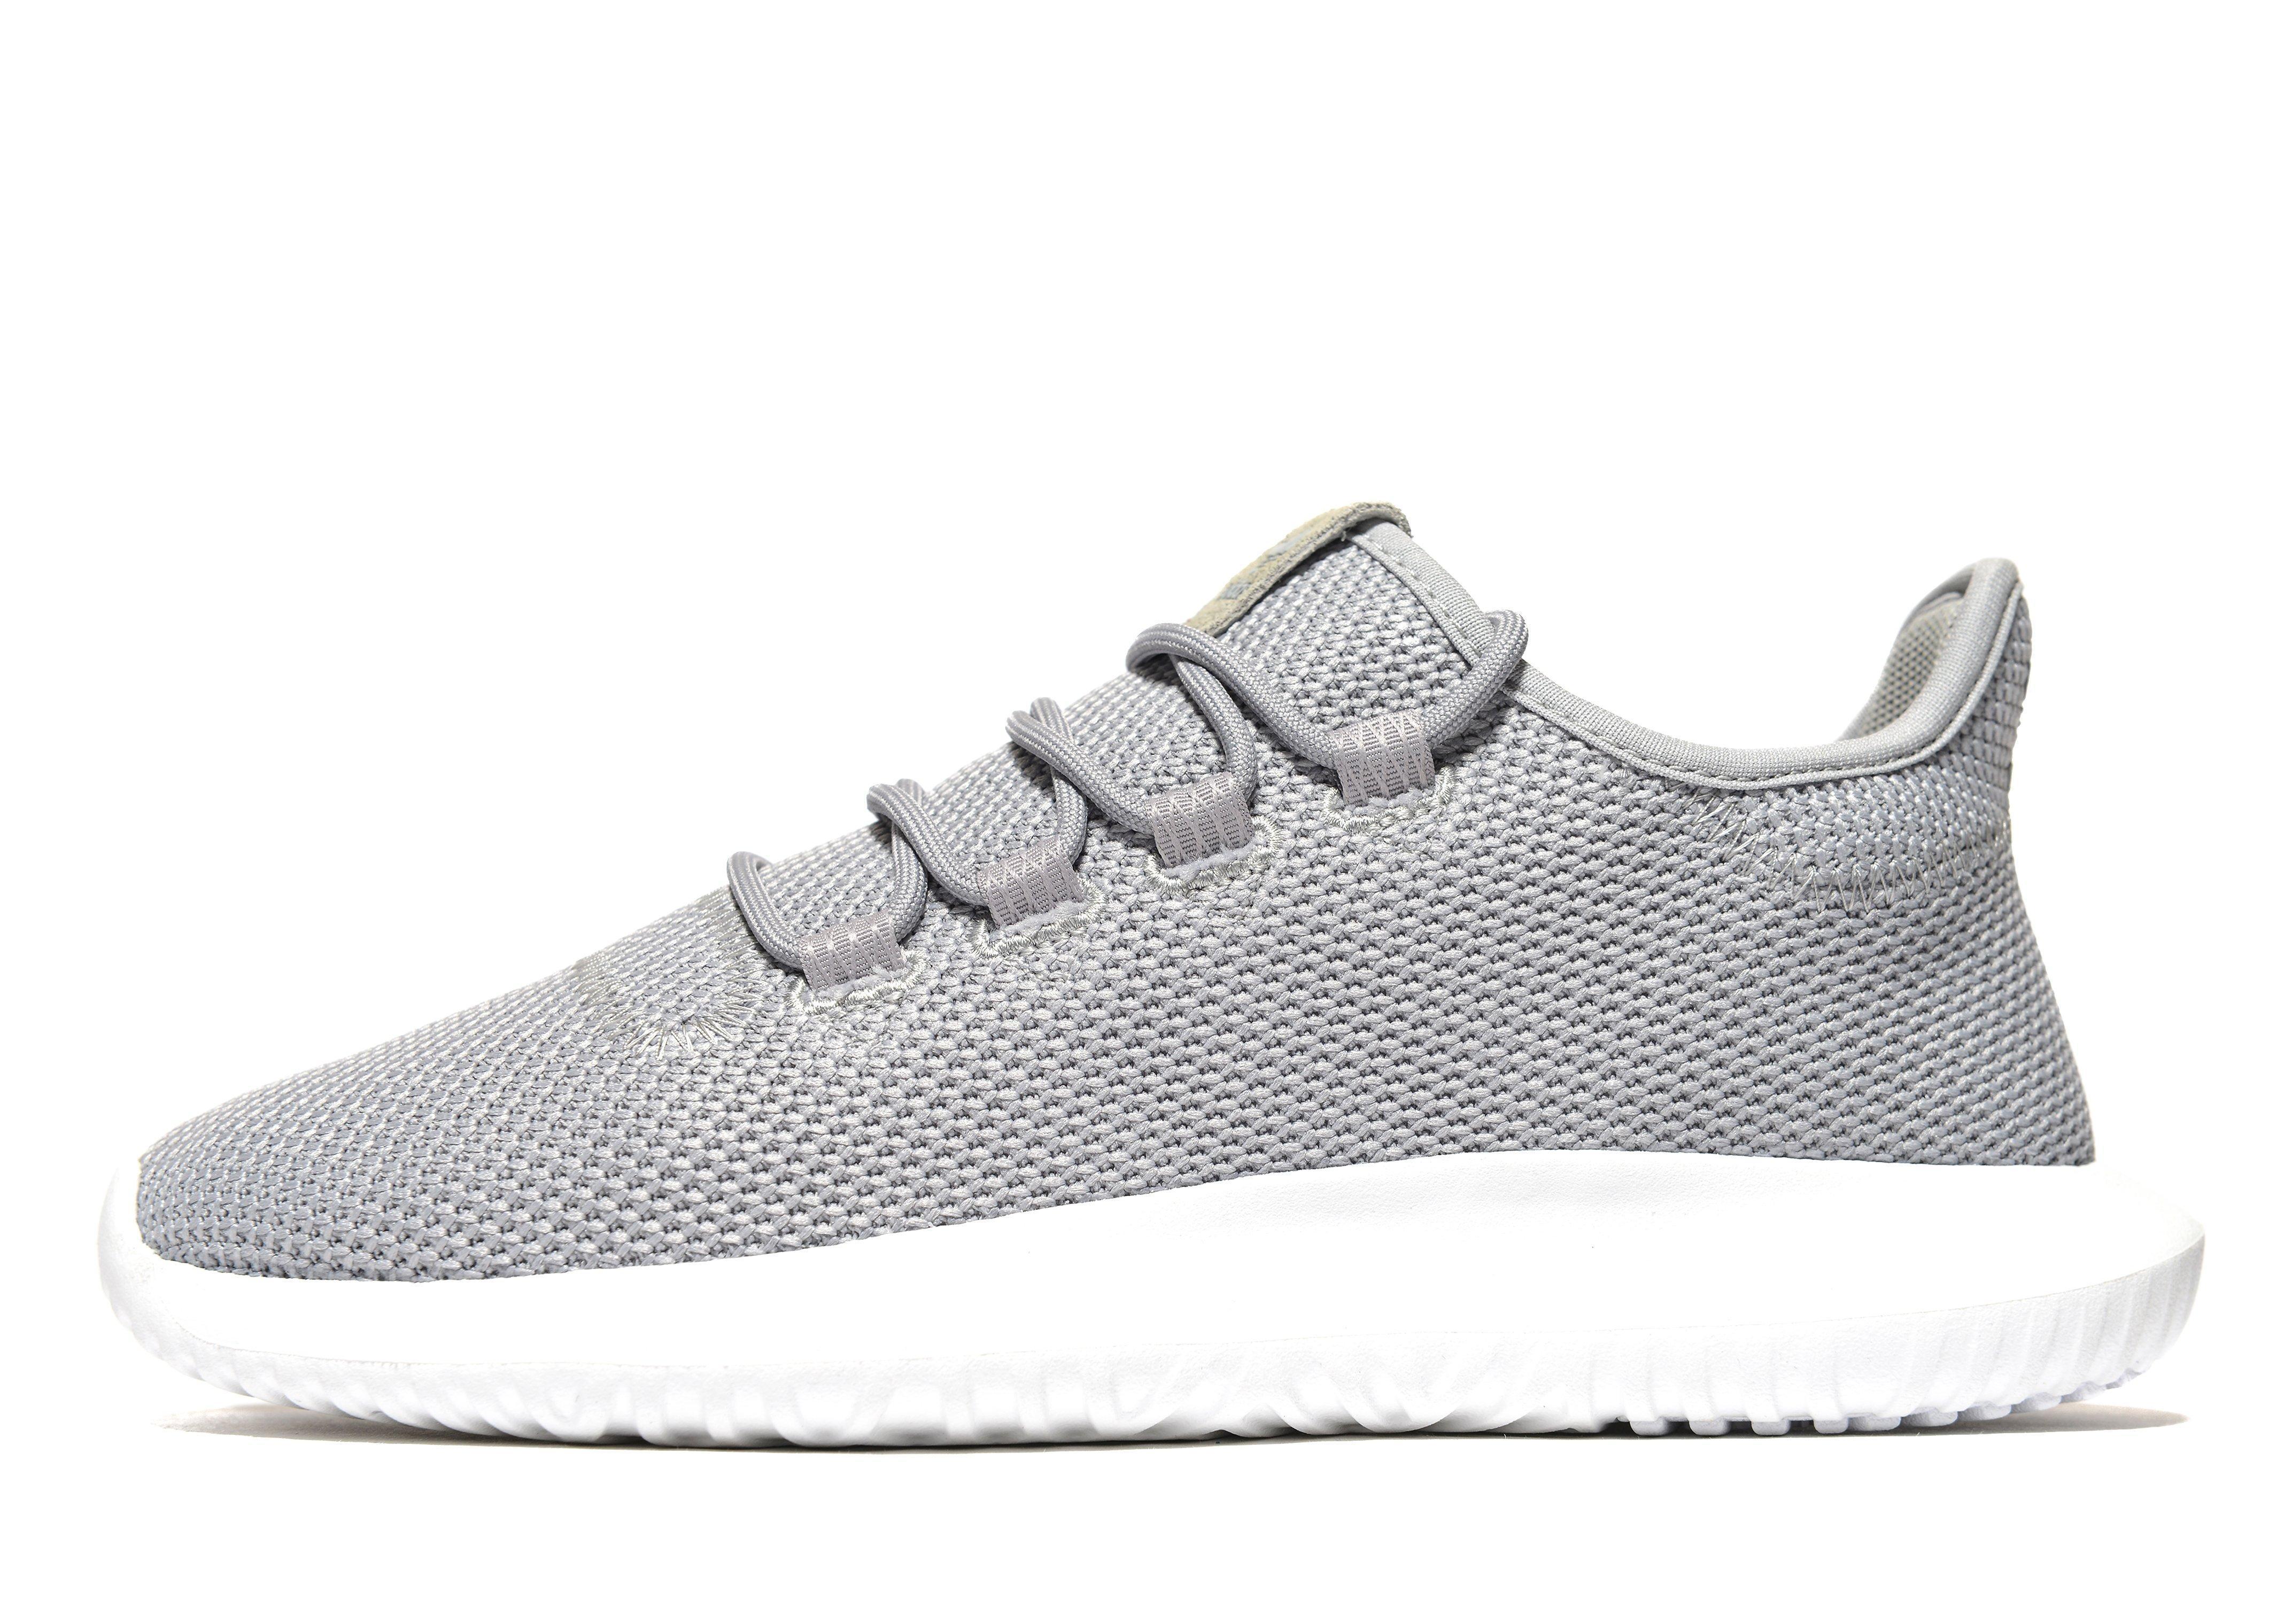 Adidas Future Shoes